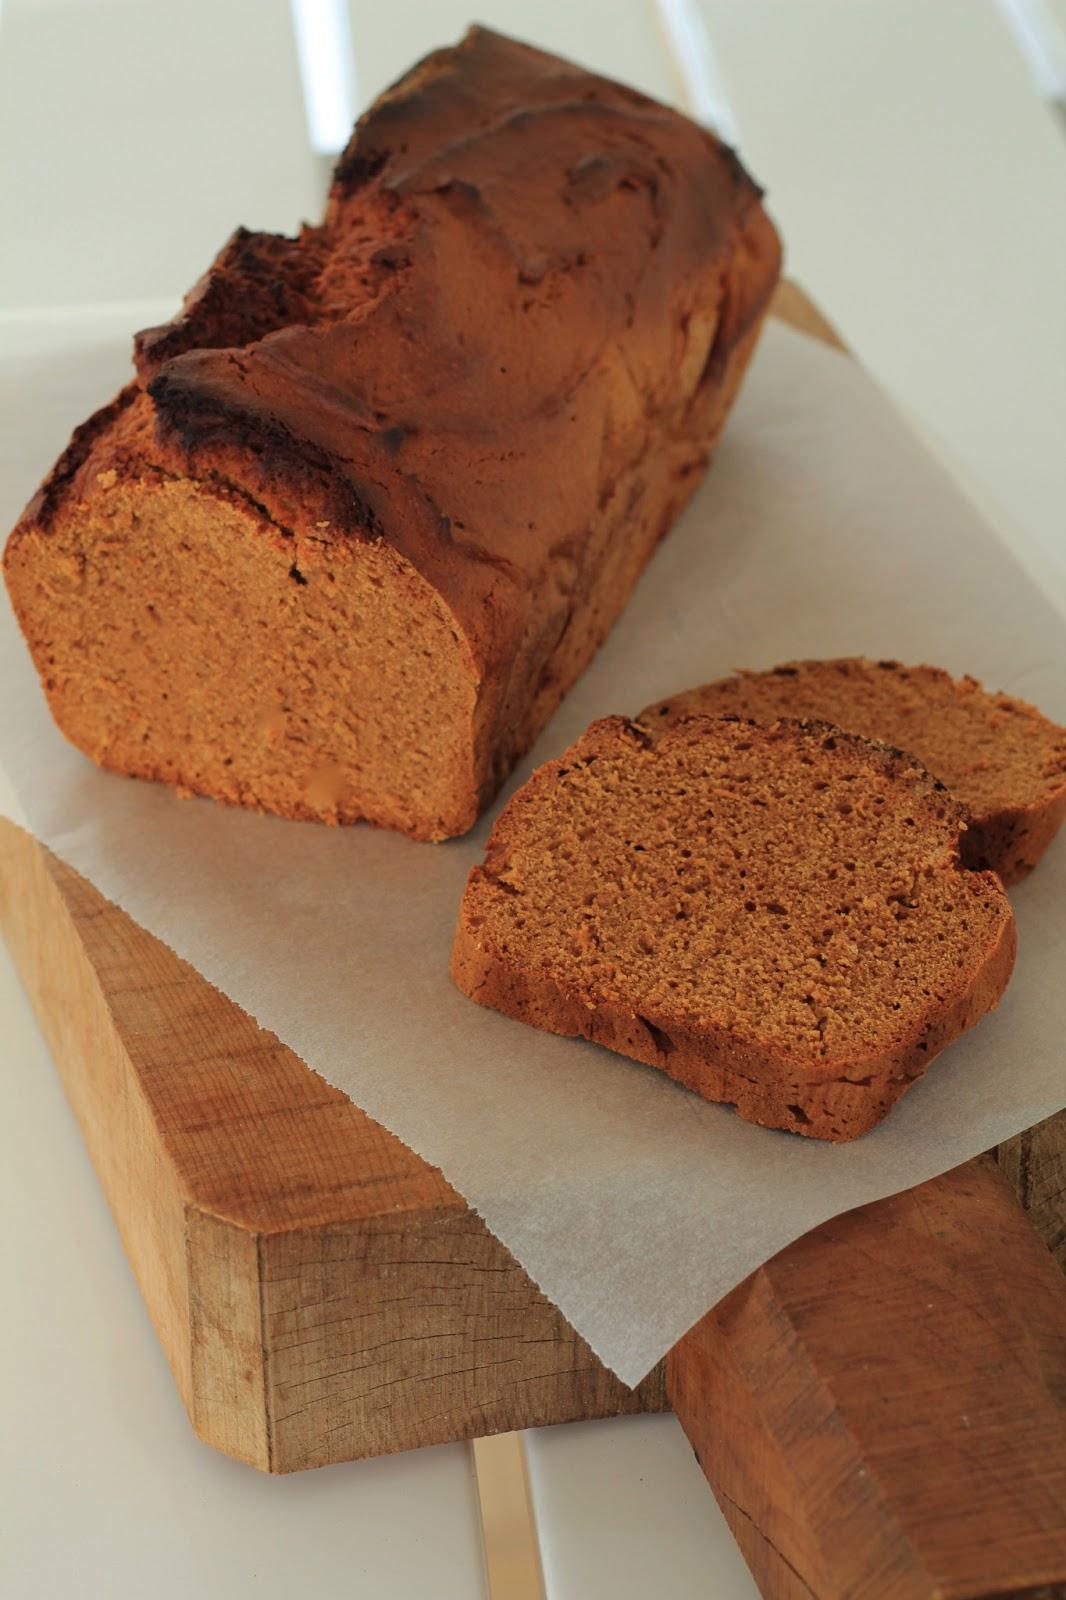 On dine chez nanou pain d 39 pices recette pratique sans oeufs sans beurre sans lait - Recette pain d epice sans oeuf ...